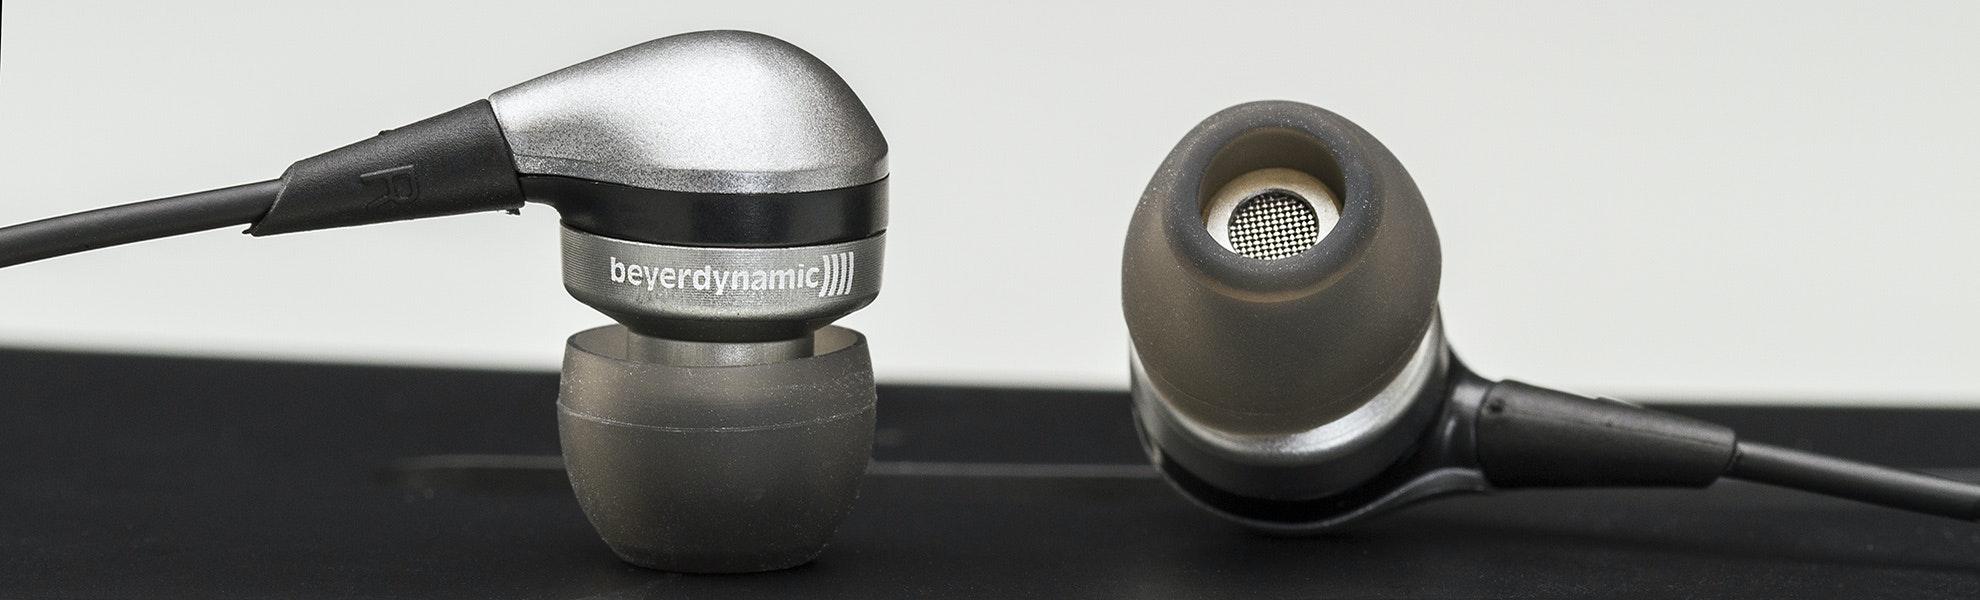 Beyerdynamic MXP 50 iE